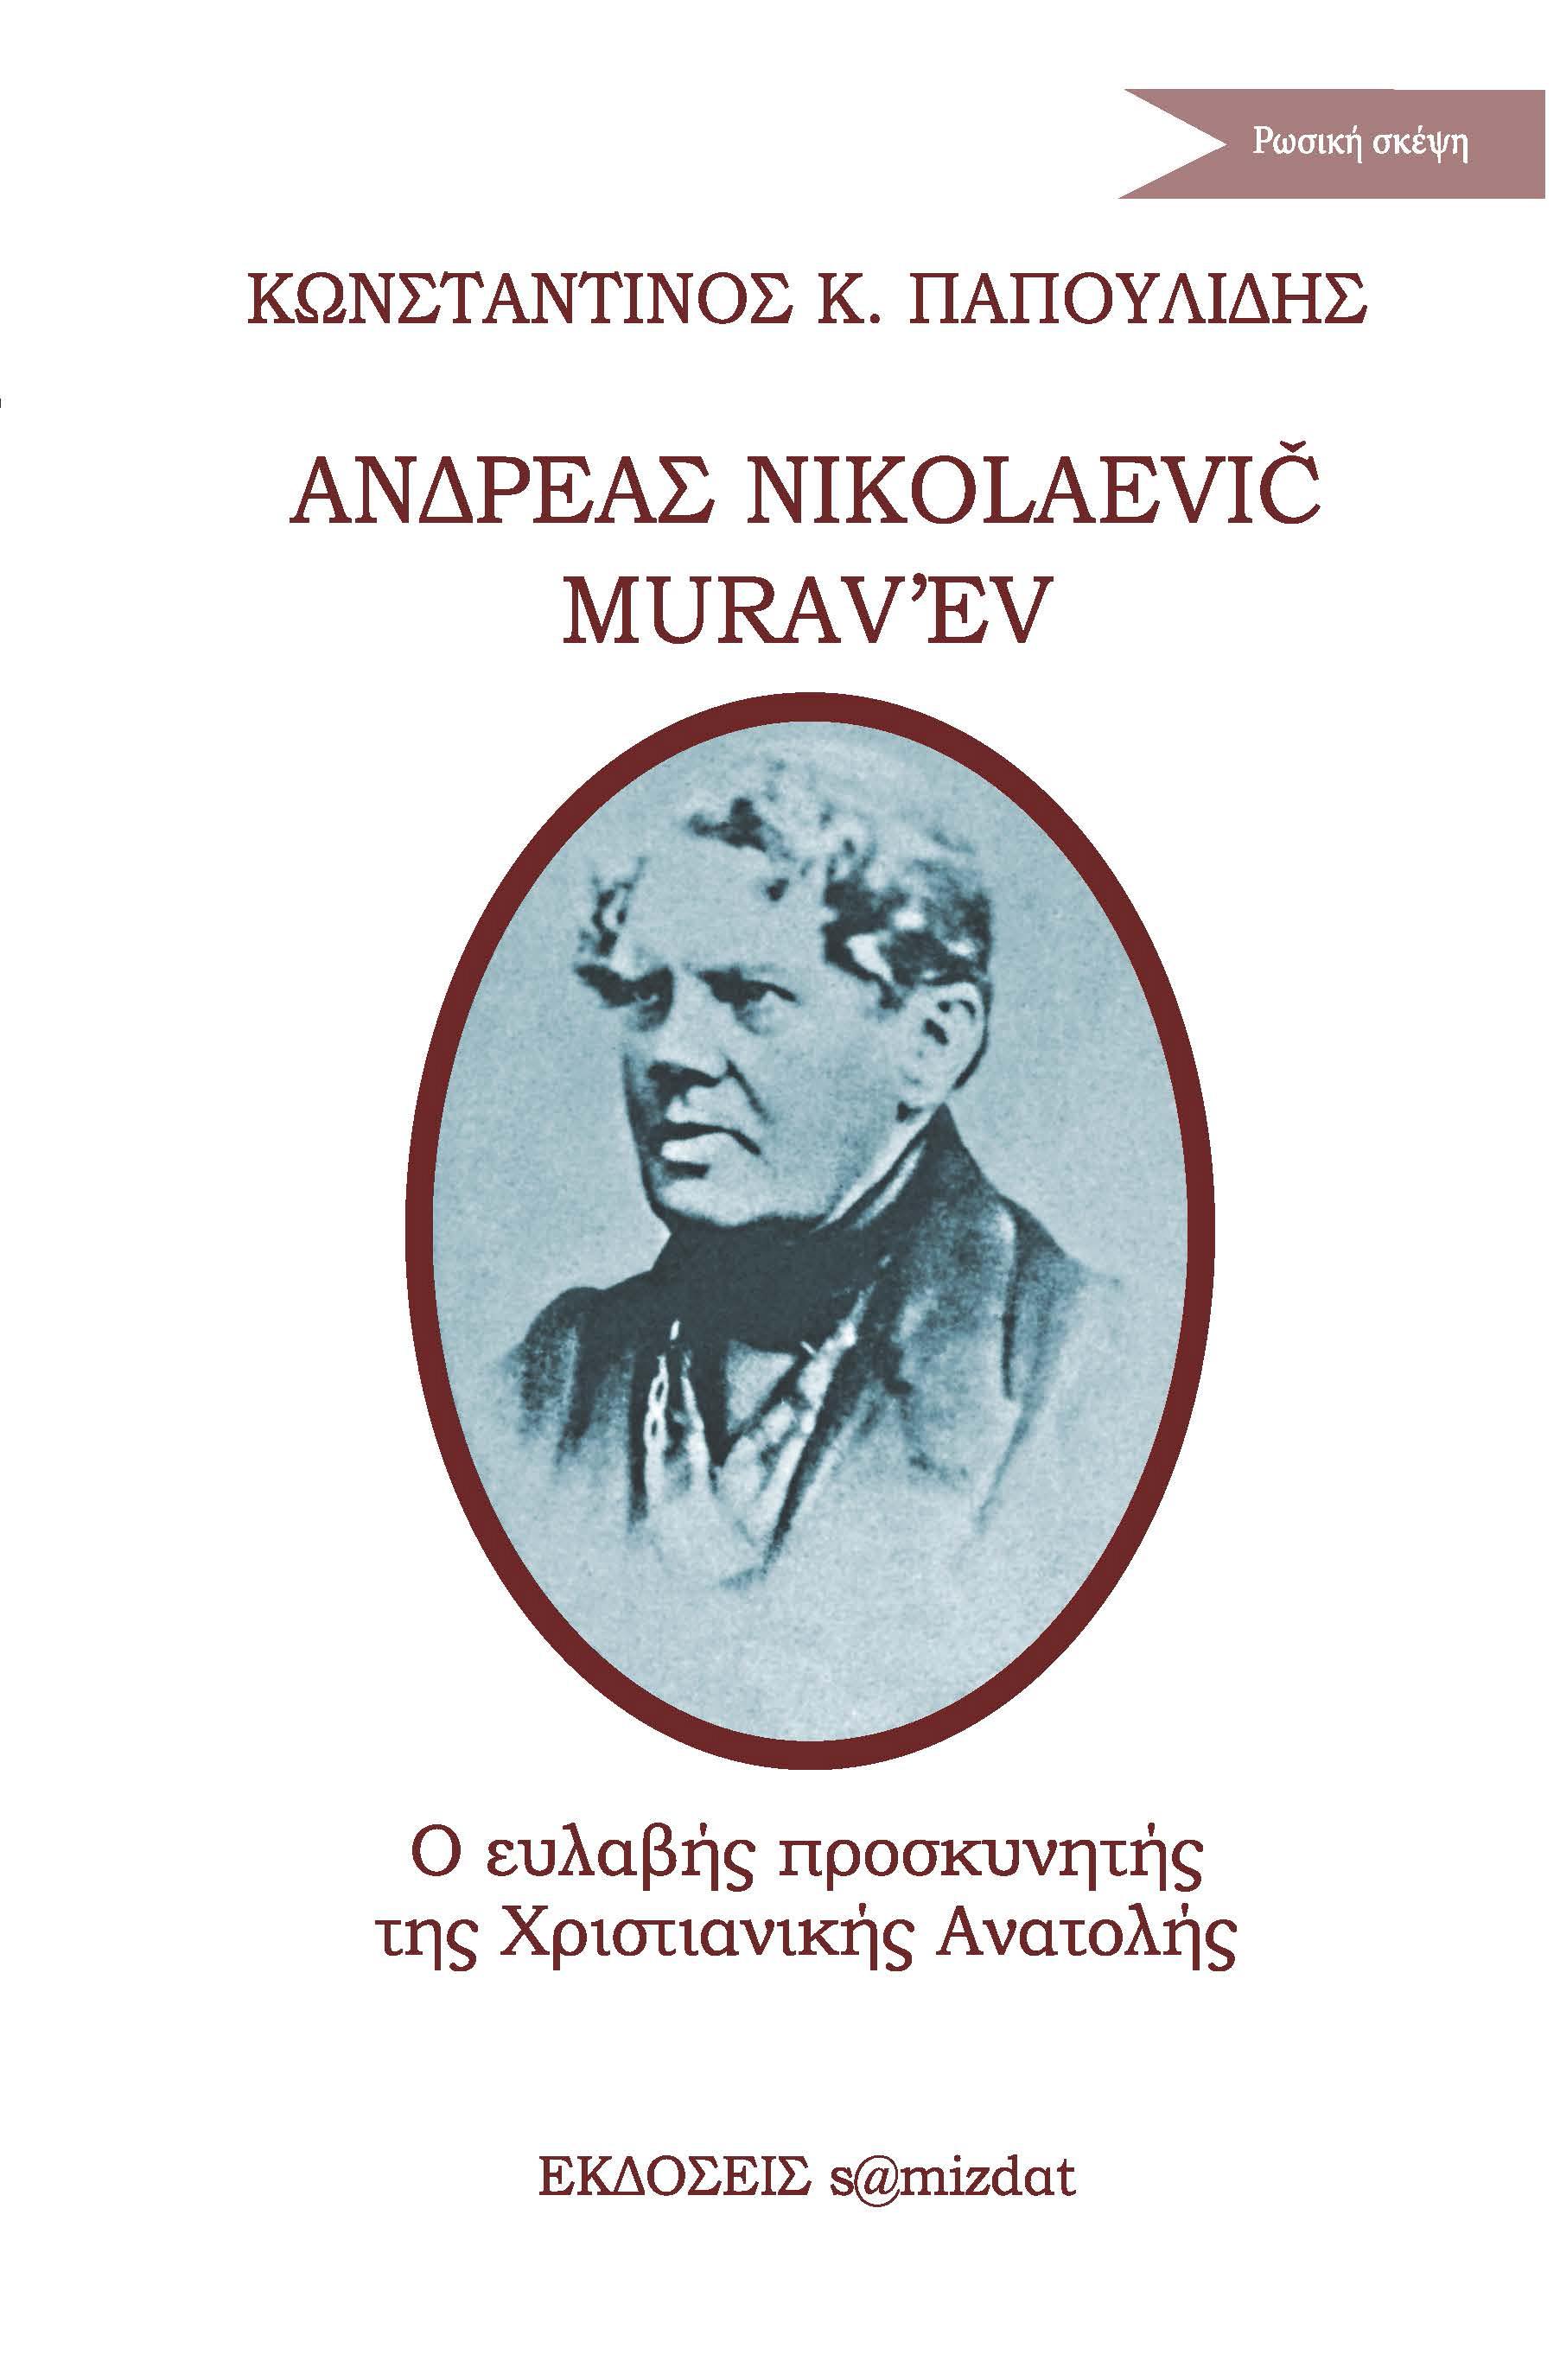 Κωνσταντίνου Κ. Παπουλίδη  Ανδρέας Nikolaevič Murav'ev Ο ευλαβής προσκυνητής της Χριστιανικής Ανατολής